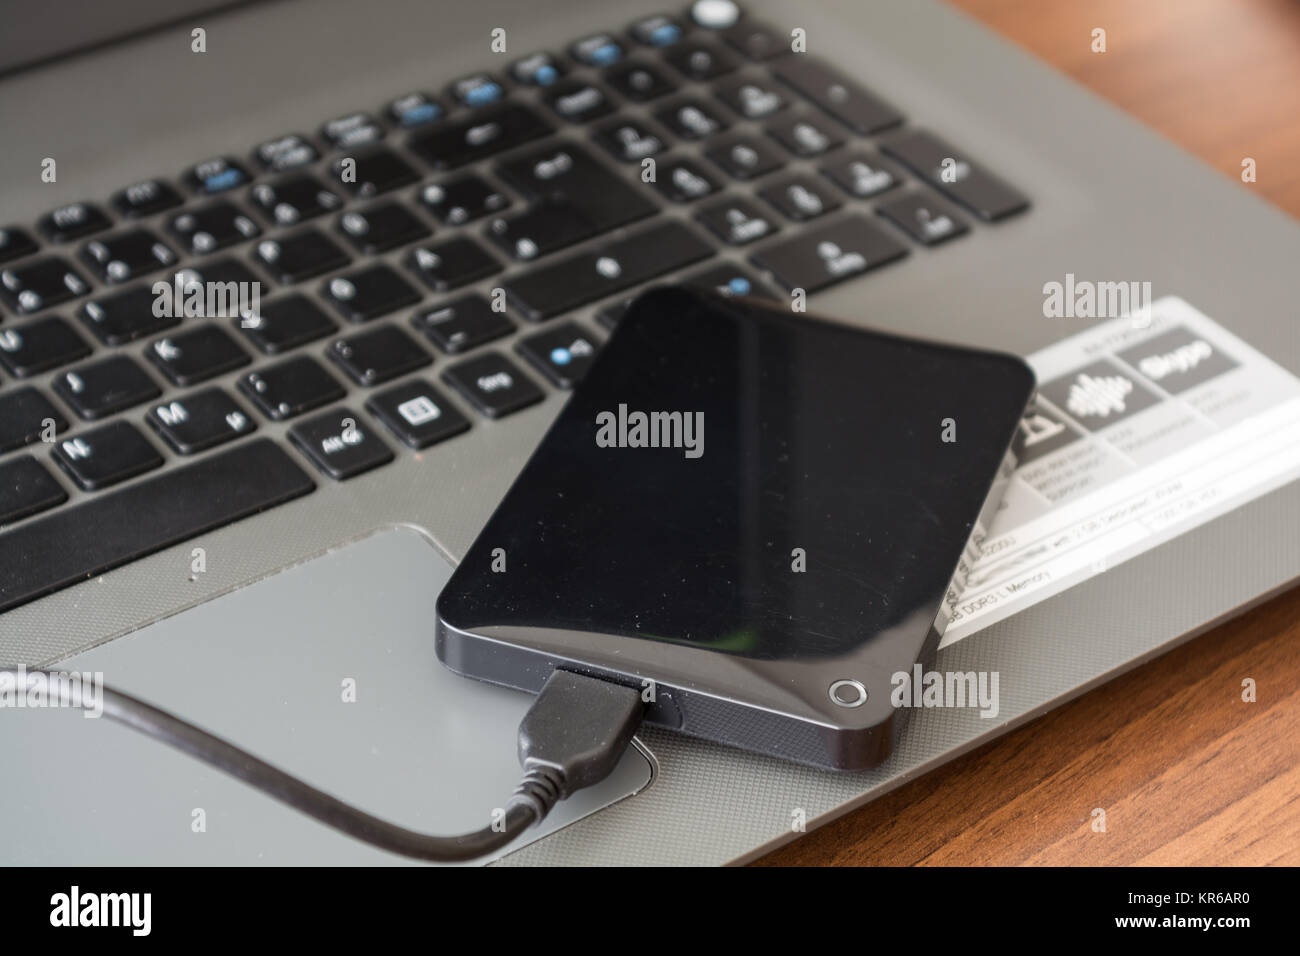 external hard drive and laptop - closeup Stock Photo